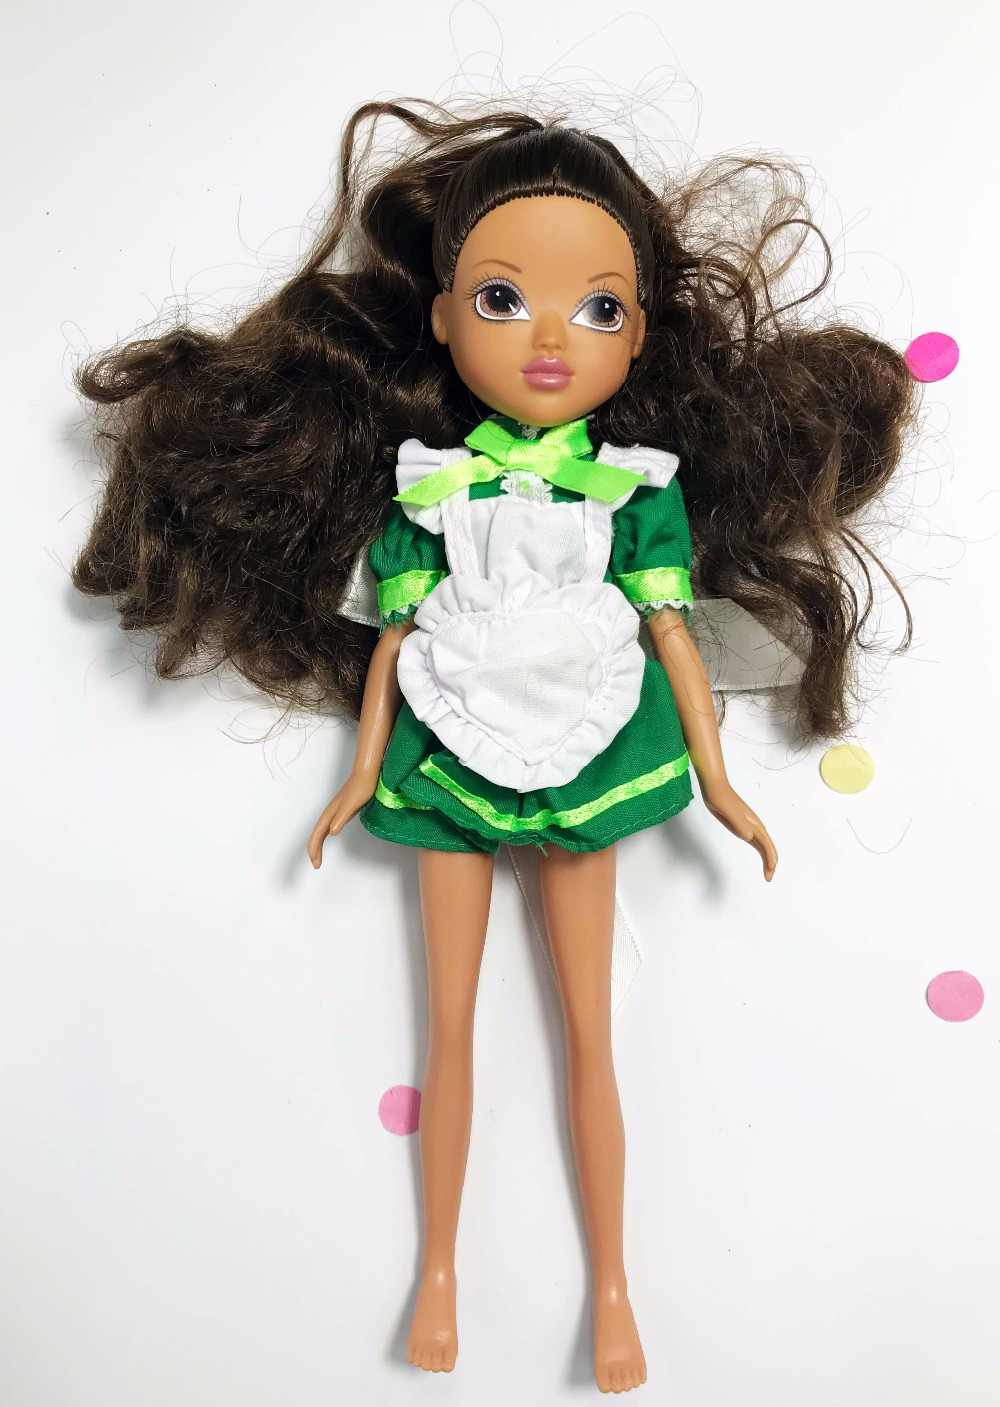 Около 25 см кукла Мокси с красивой одеждой и платьем детское платье куклы подарки на Рождество и день рождения подарок